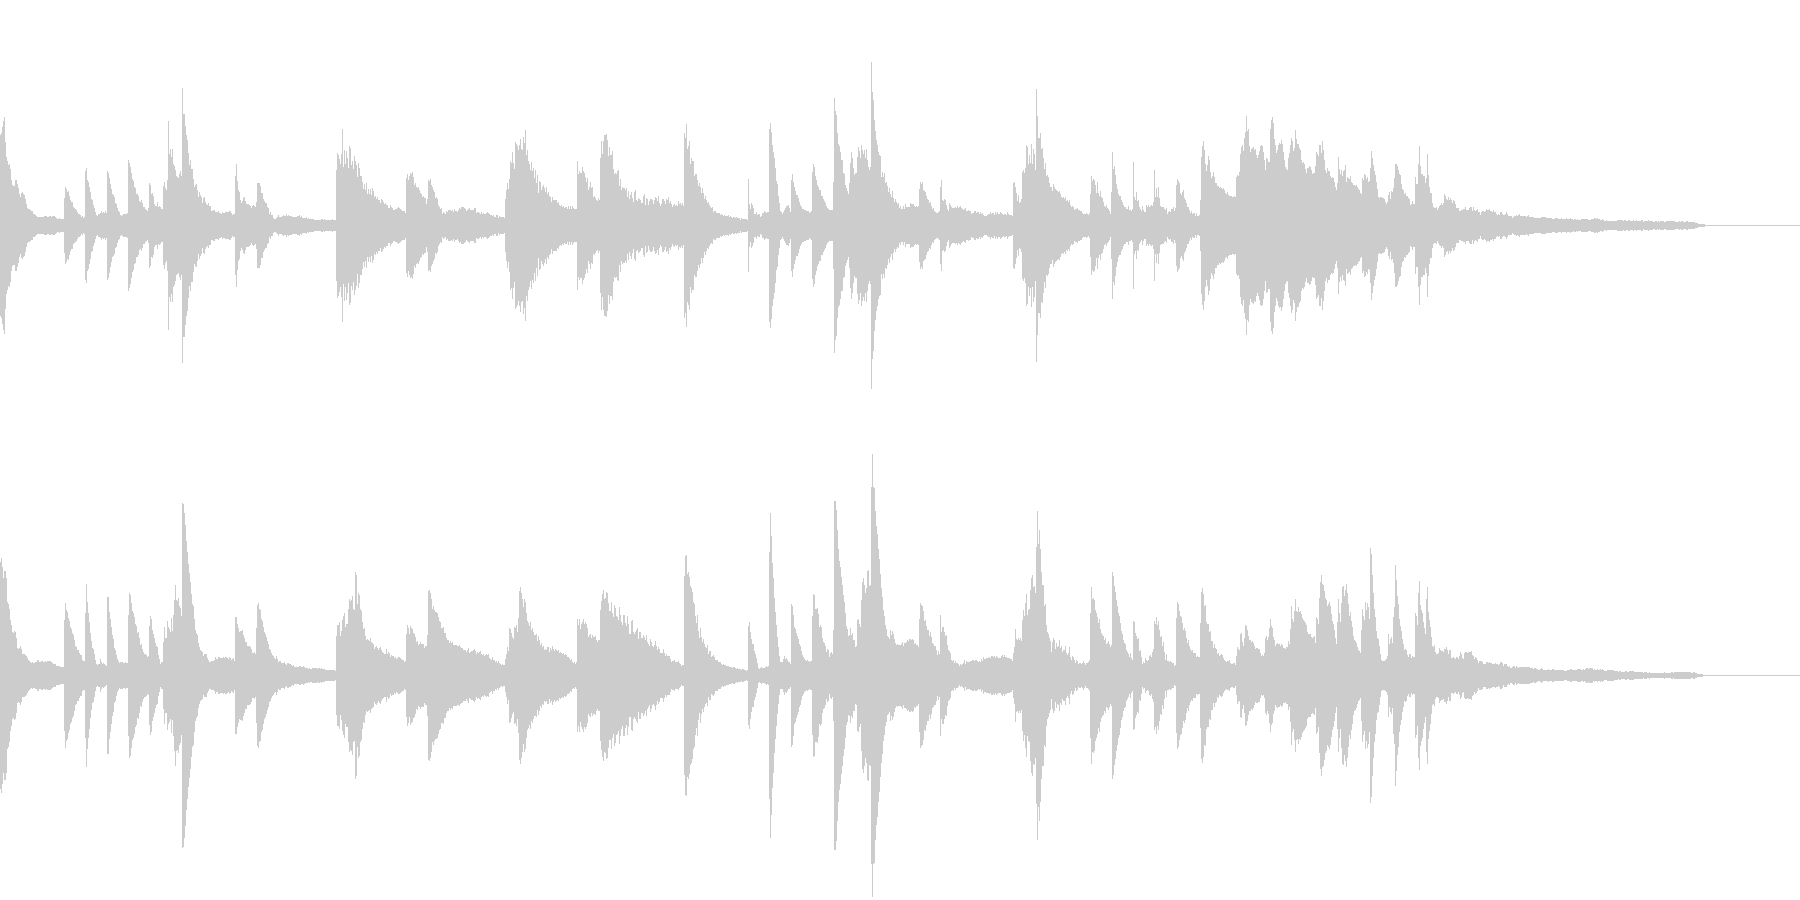 ハープっぽい神々しい幻想的ピアノジングルの未再生の波形